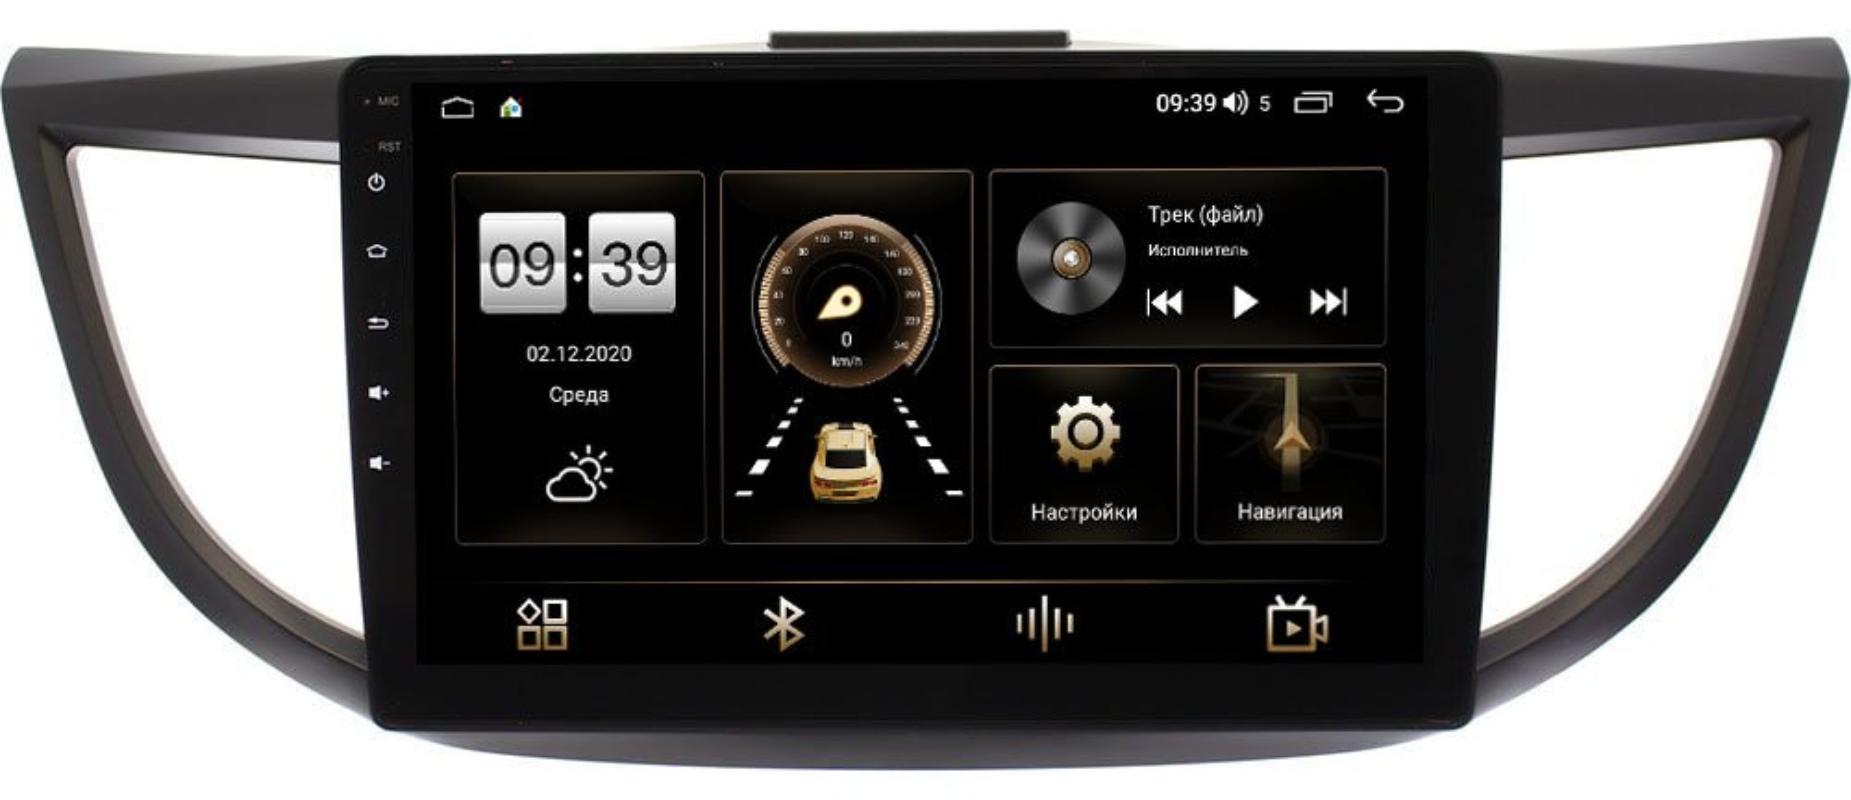 Штатная магнитола LeTrun 3799-1012 для Honda CR-V IV 2012-2016 на Android 10 (4/64, DSP, QLed) (+ Камера заднего вида в подарок!)